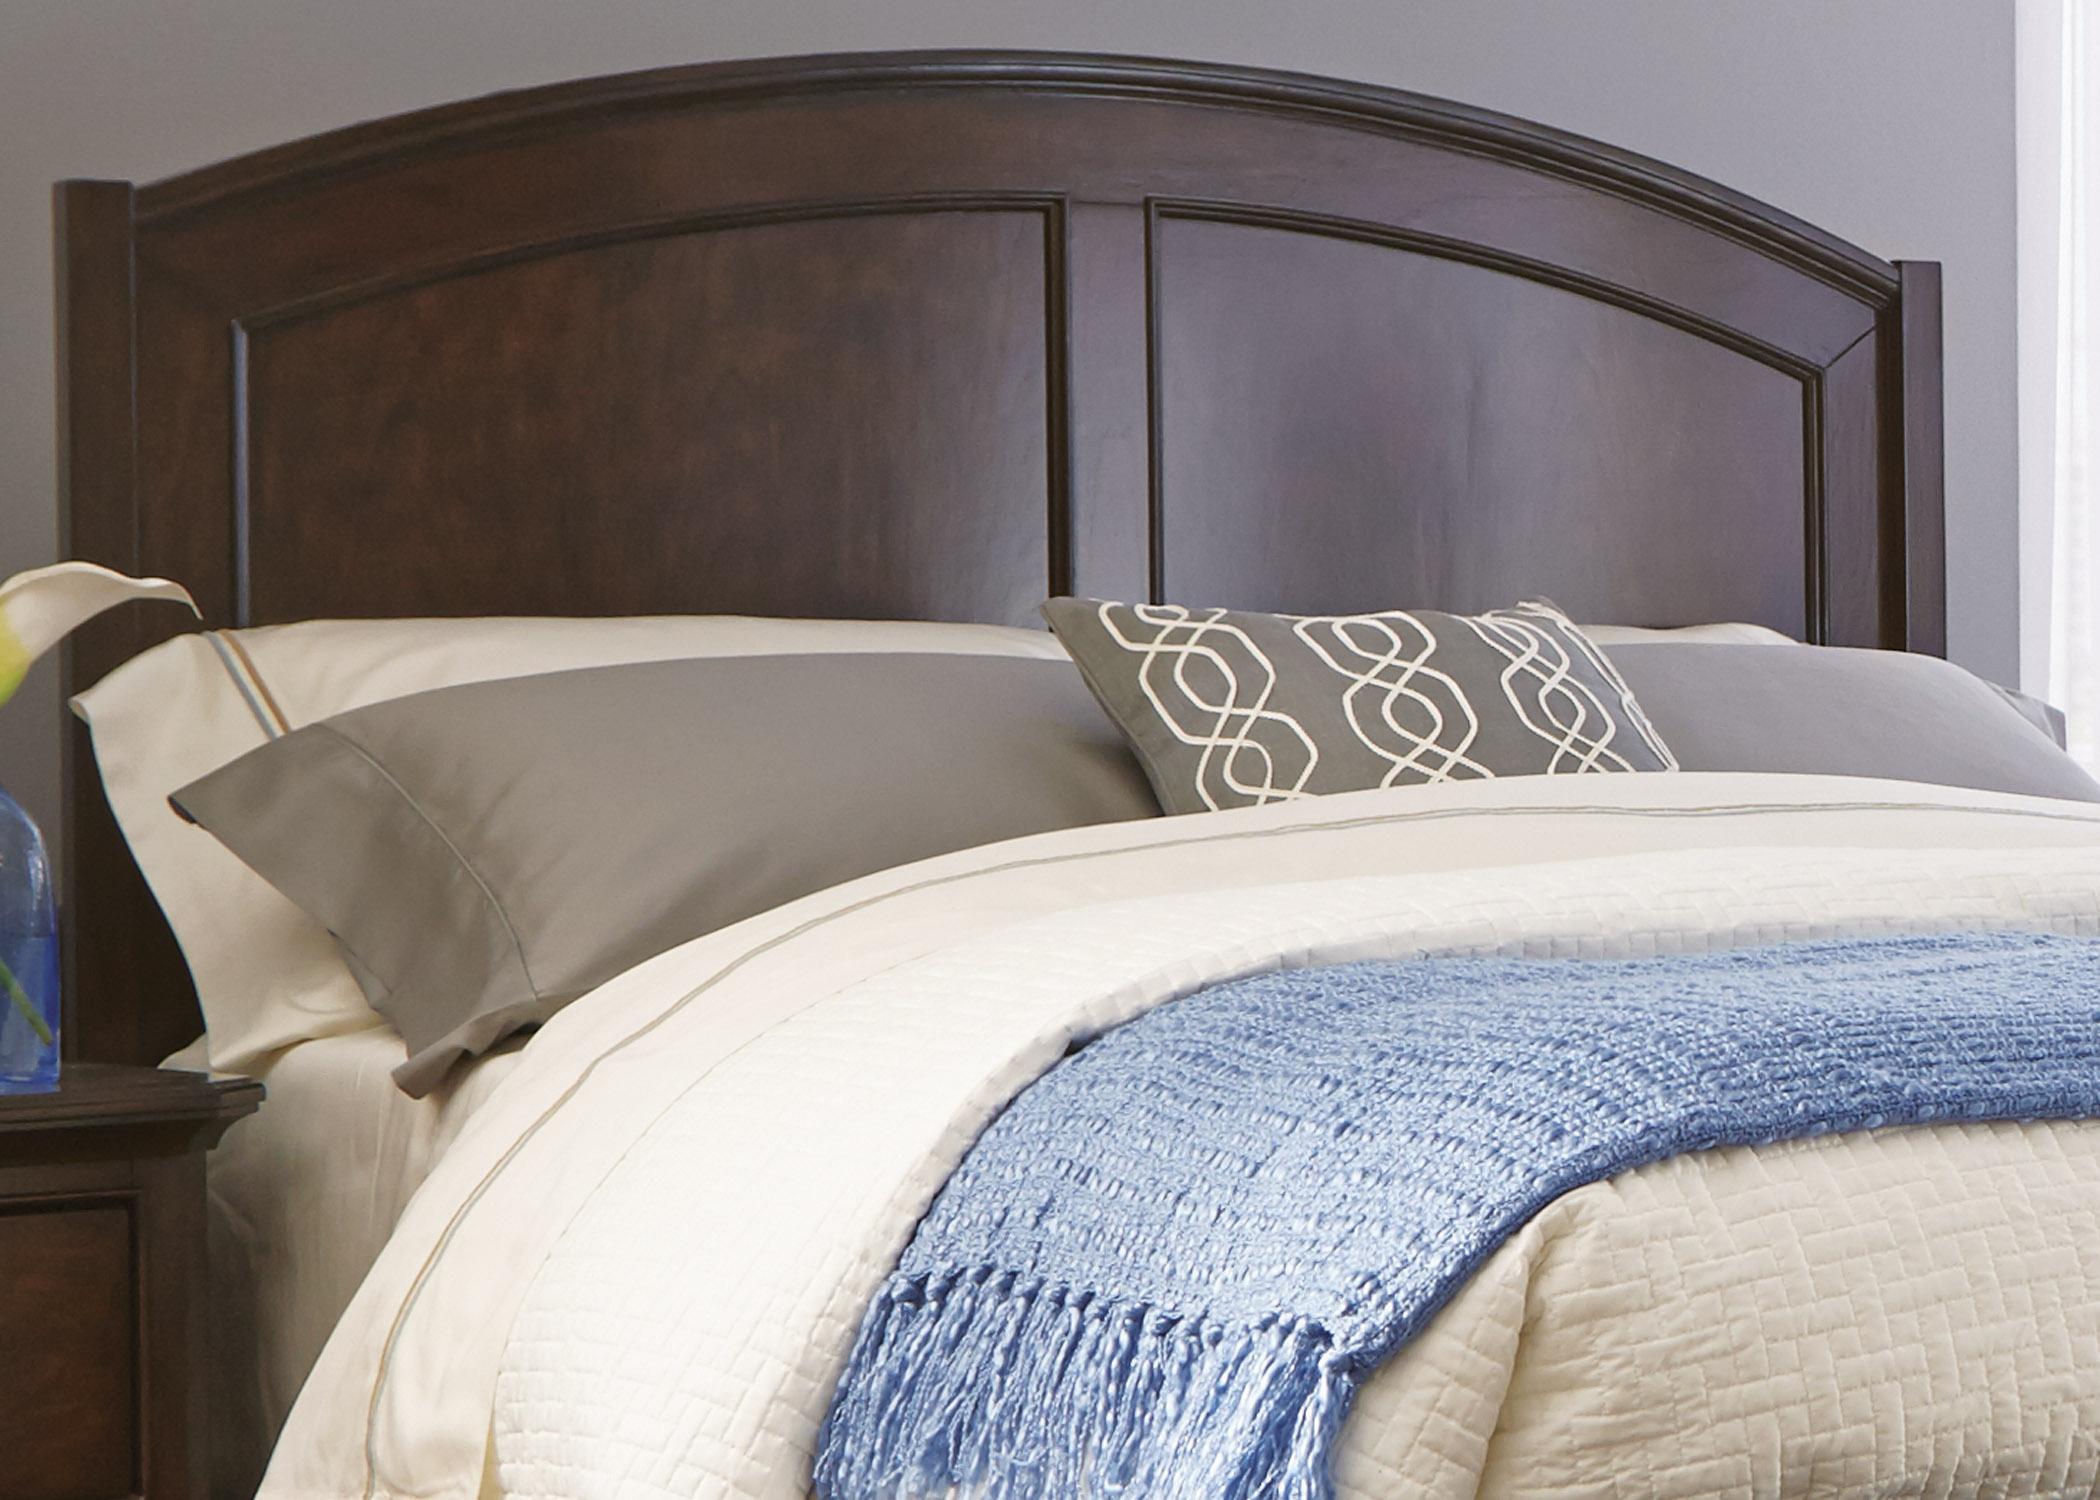 Liberty Furniture Avington Queen Panel Headboard                        - Item Number: 172-BR13